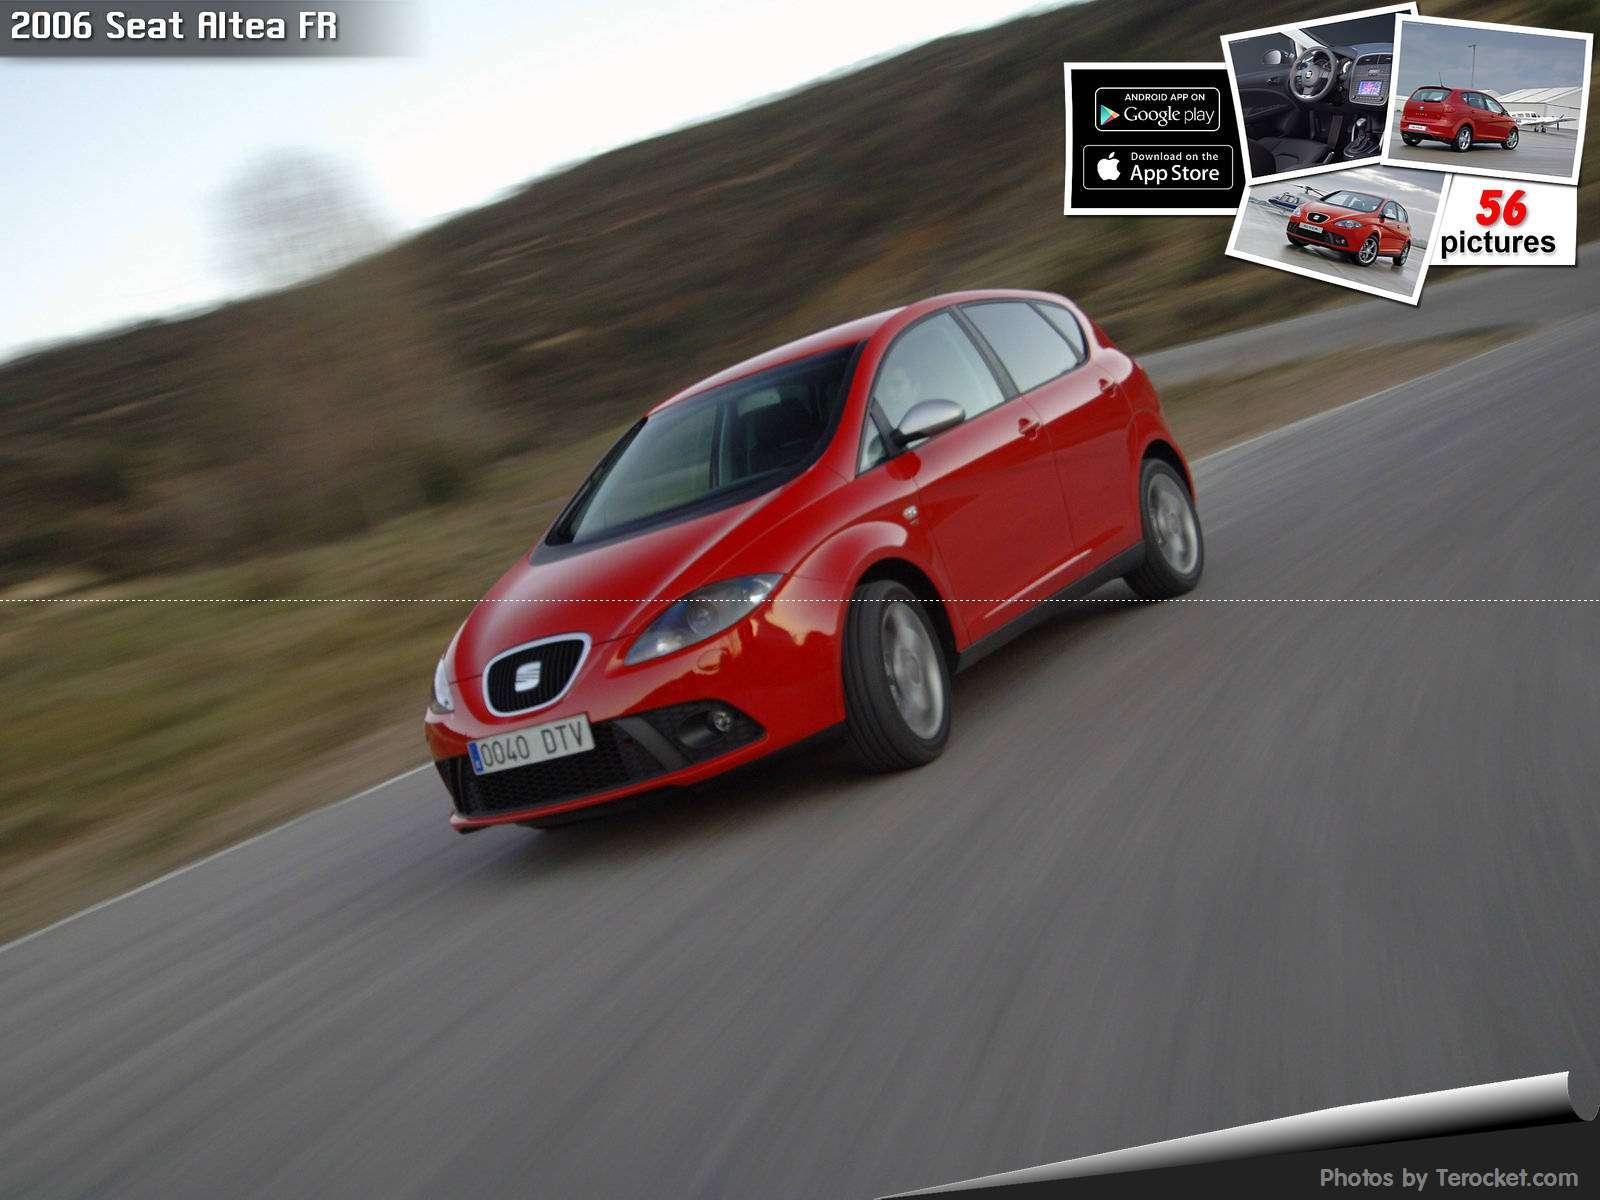 Hình ảnh xe ô tô Seat Altea FR 2006 & nội ngoại thất